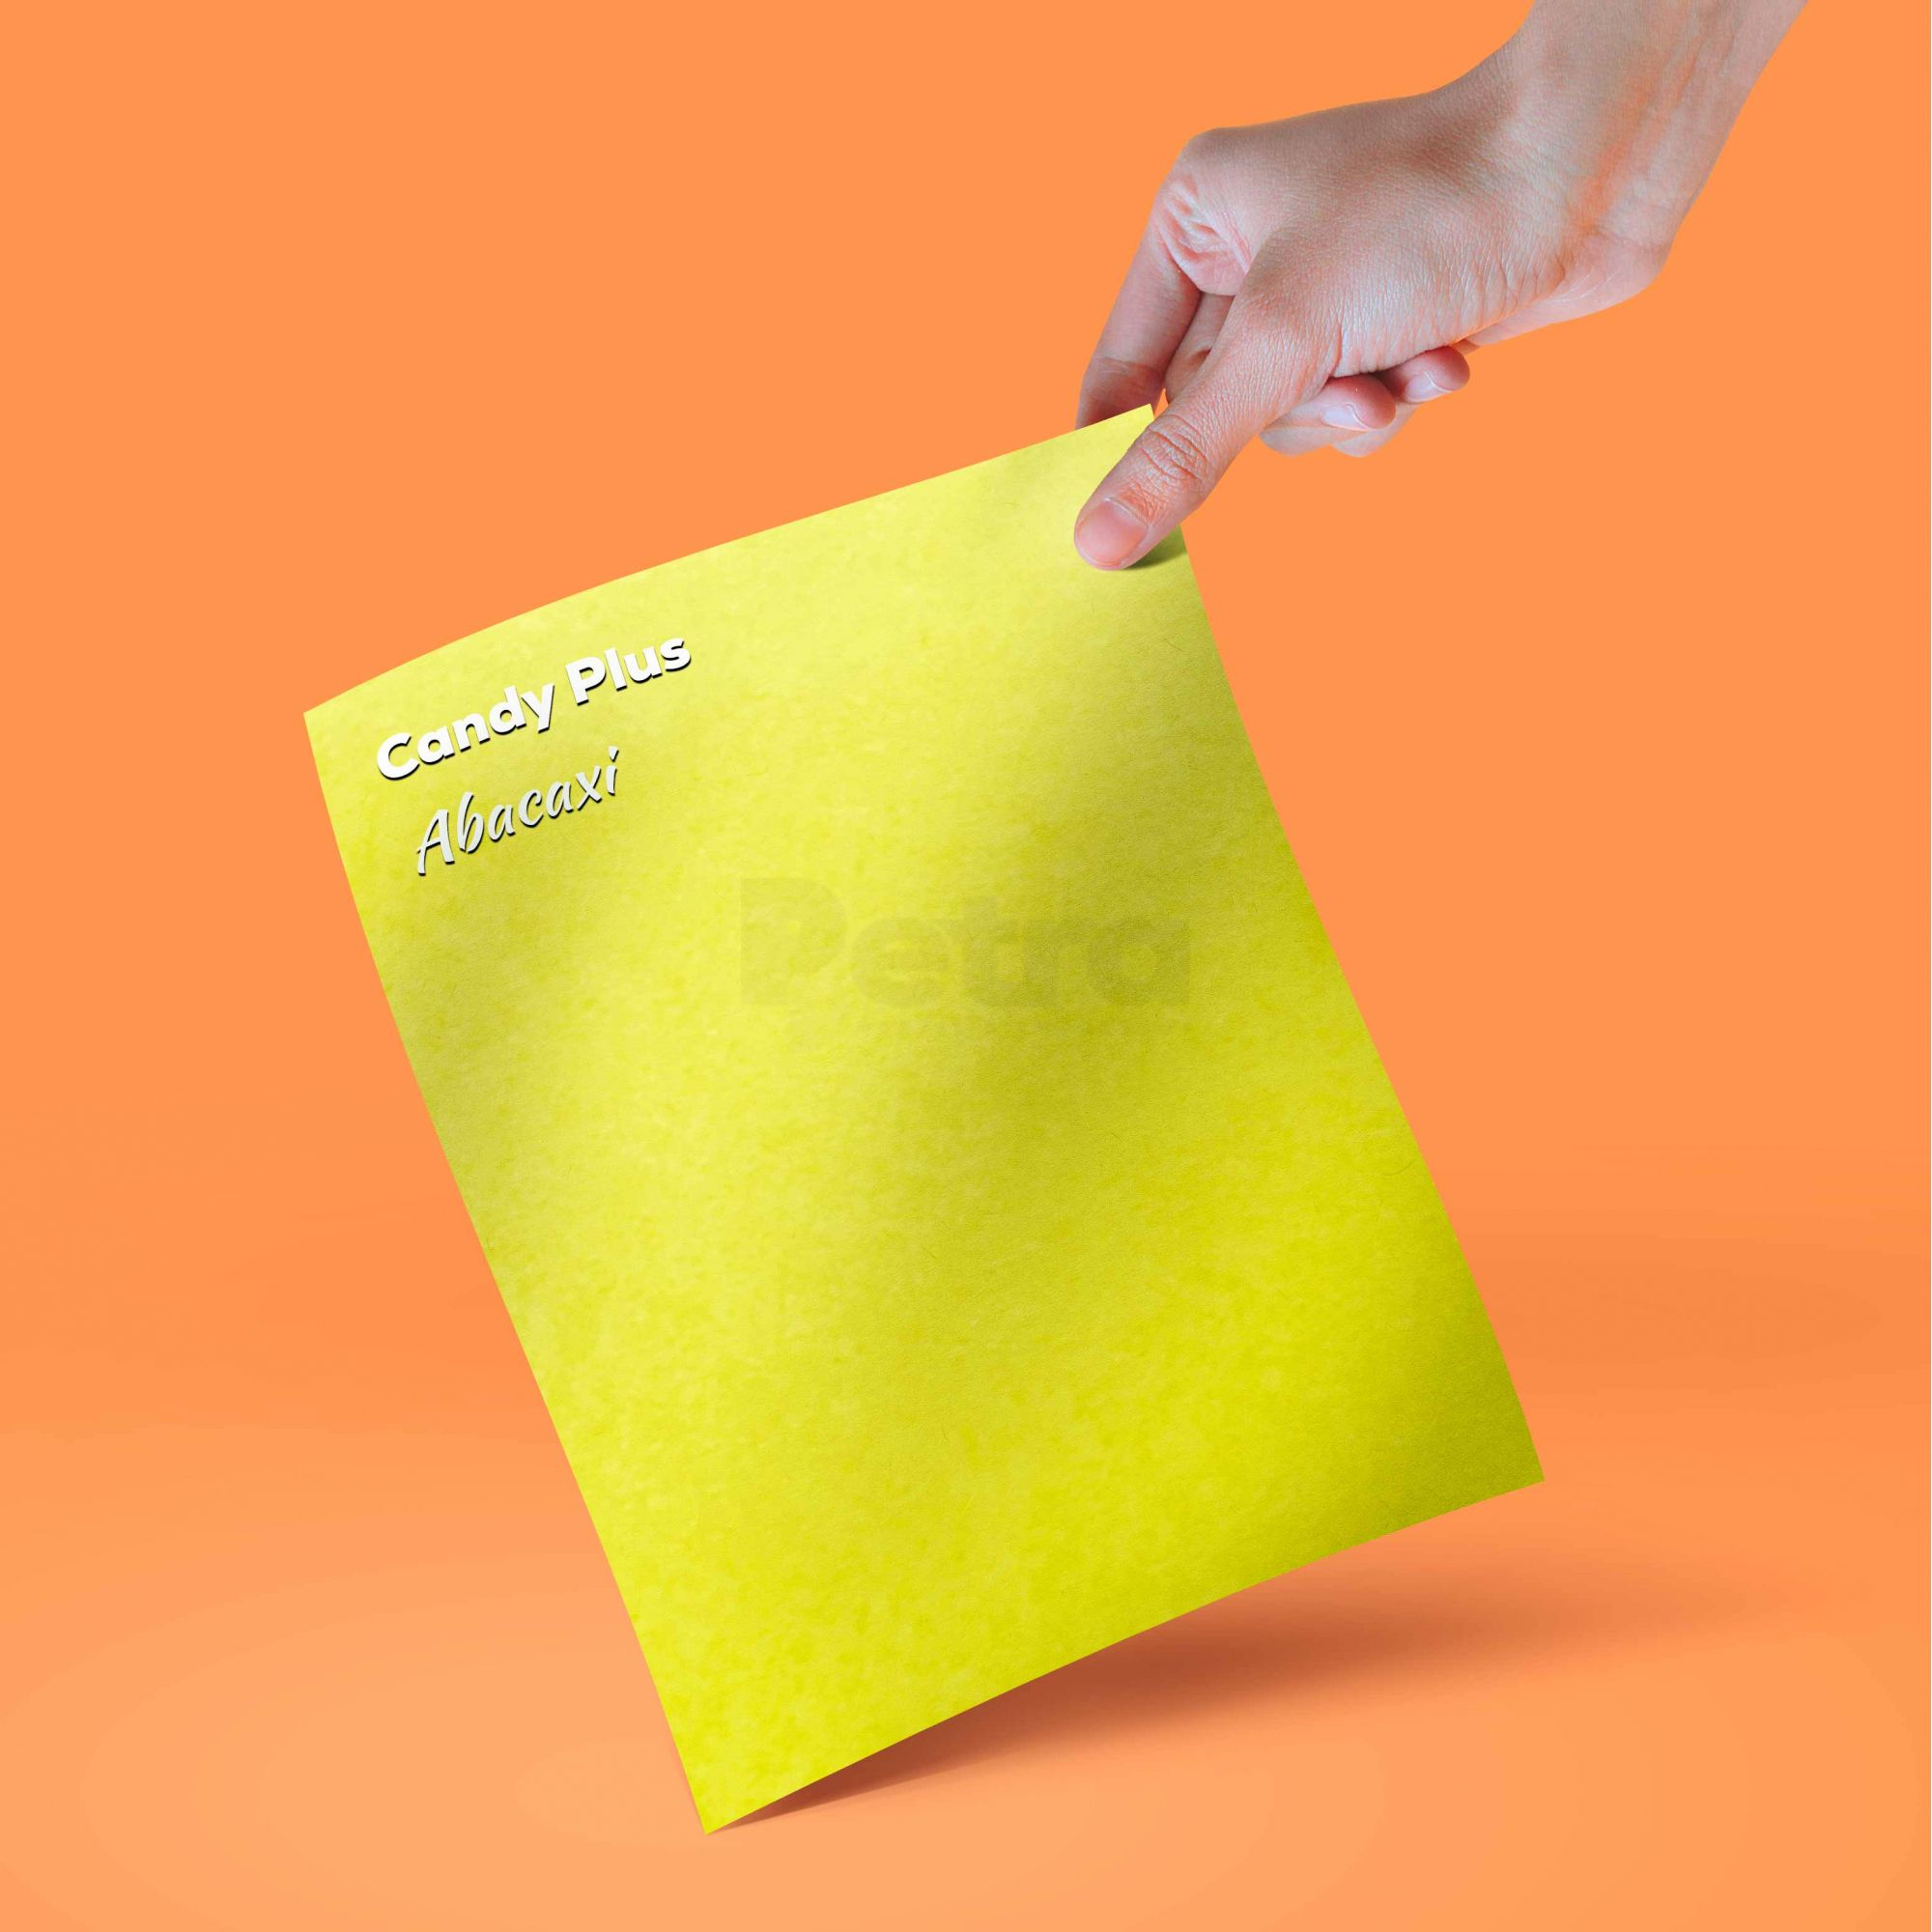 Candy Plus - Abacaxi - Amarelo  - Tam. 30,5x30,5cm - 180g/m² - 20 folhas